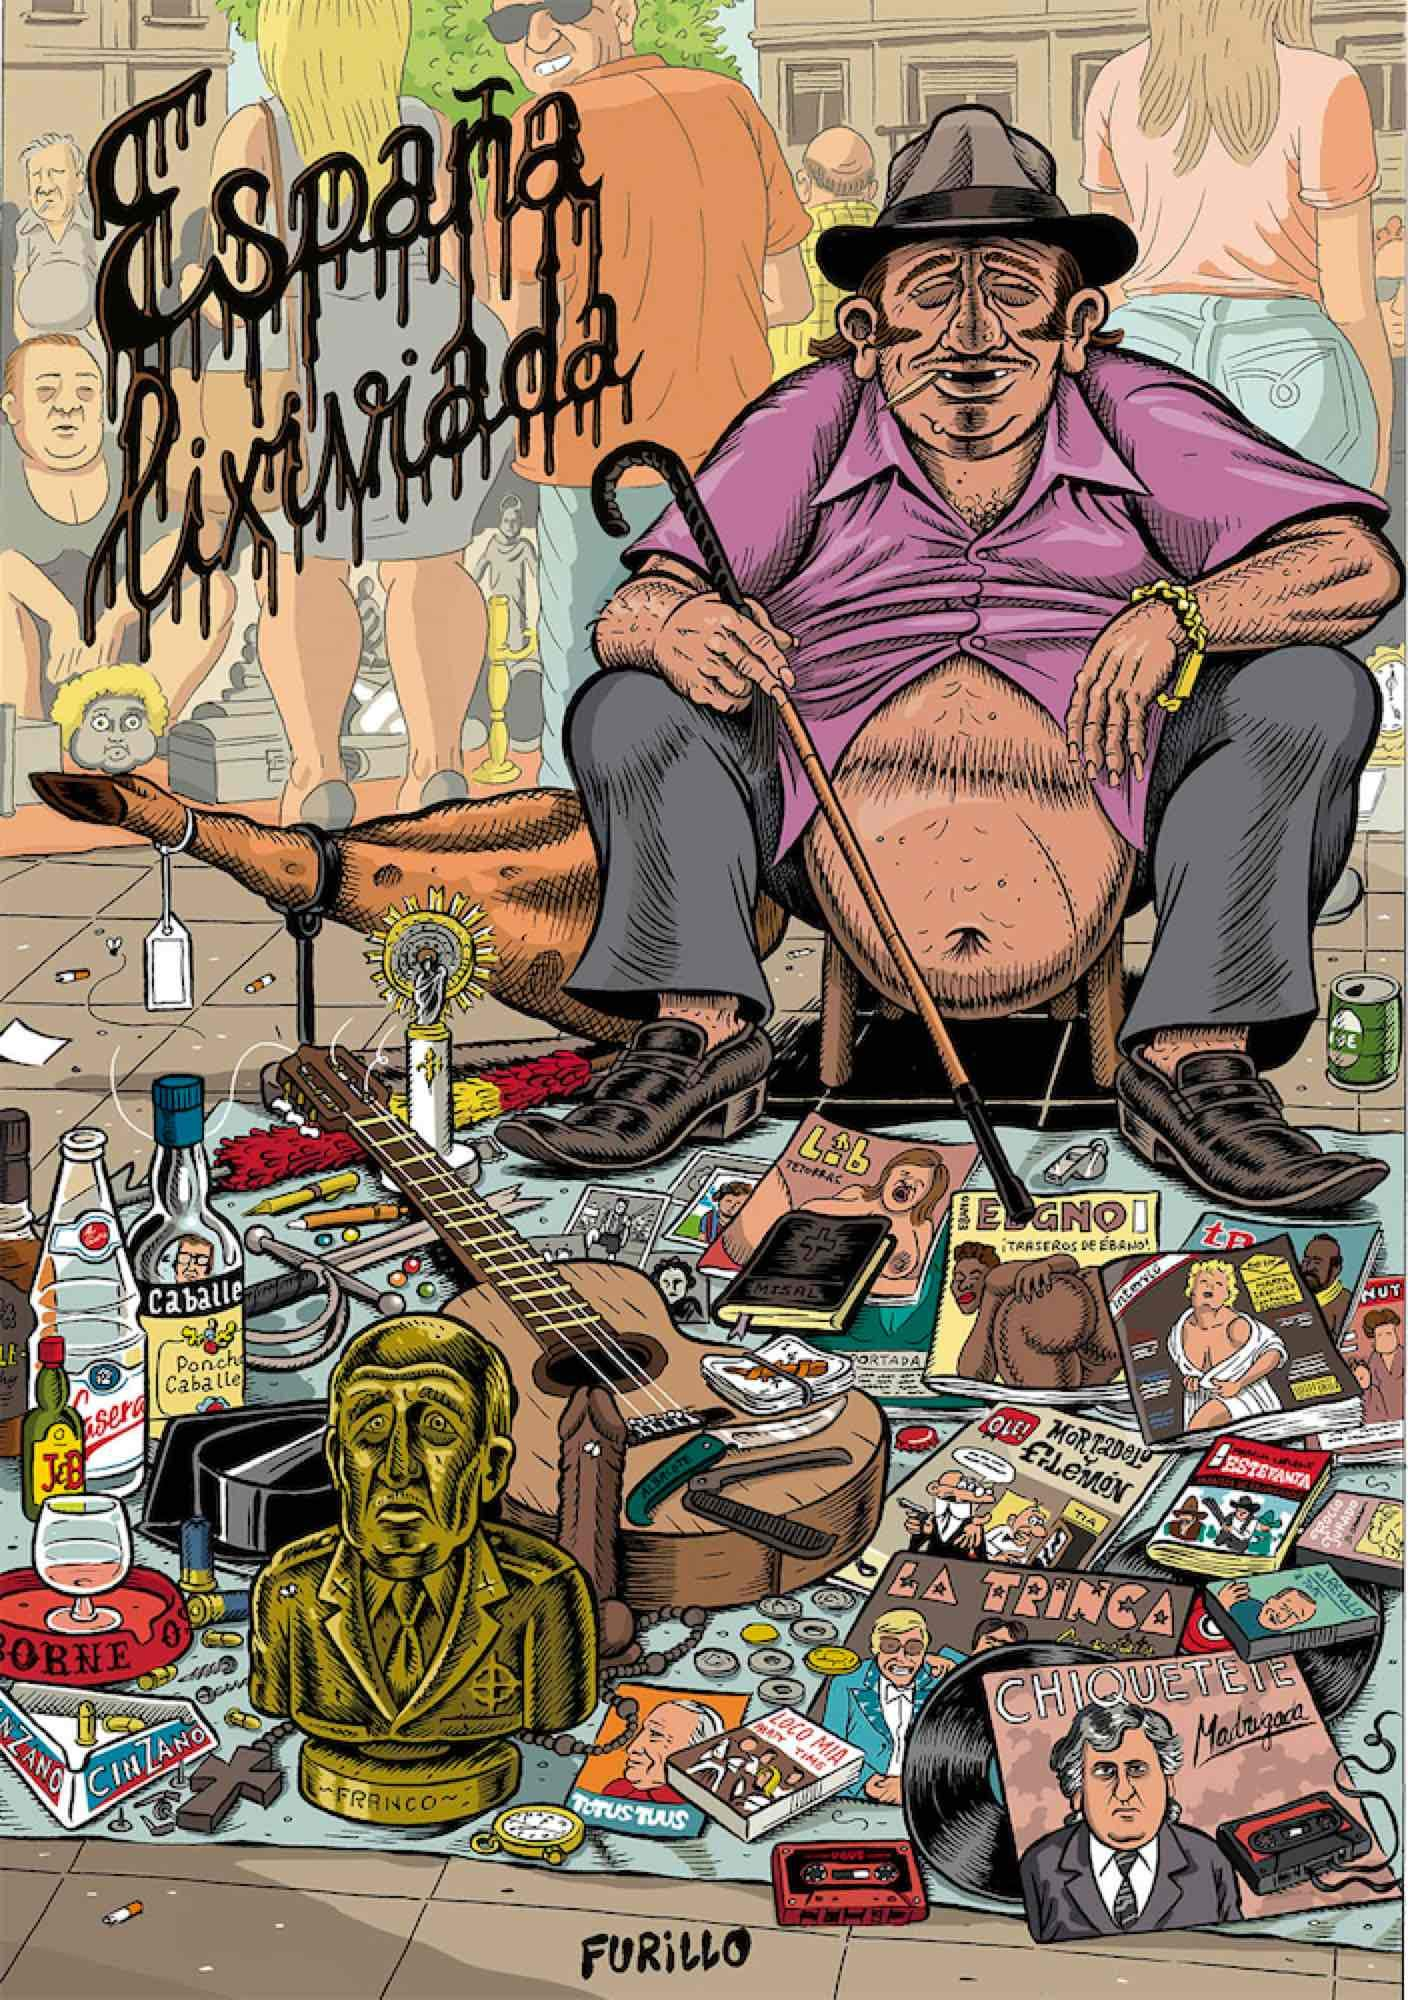 España Lixiviada: Amazon.es: Furillo: Libros